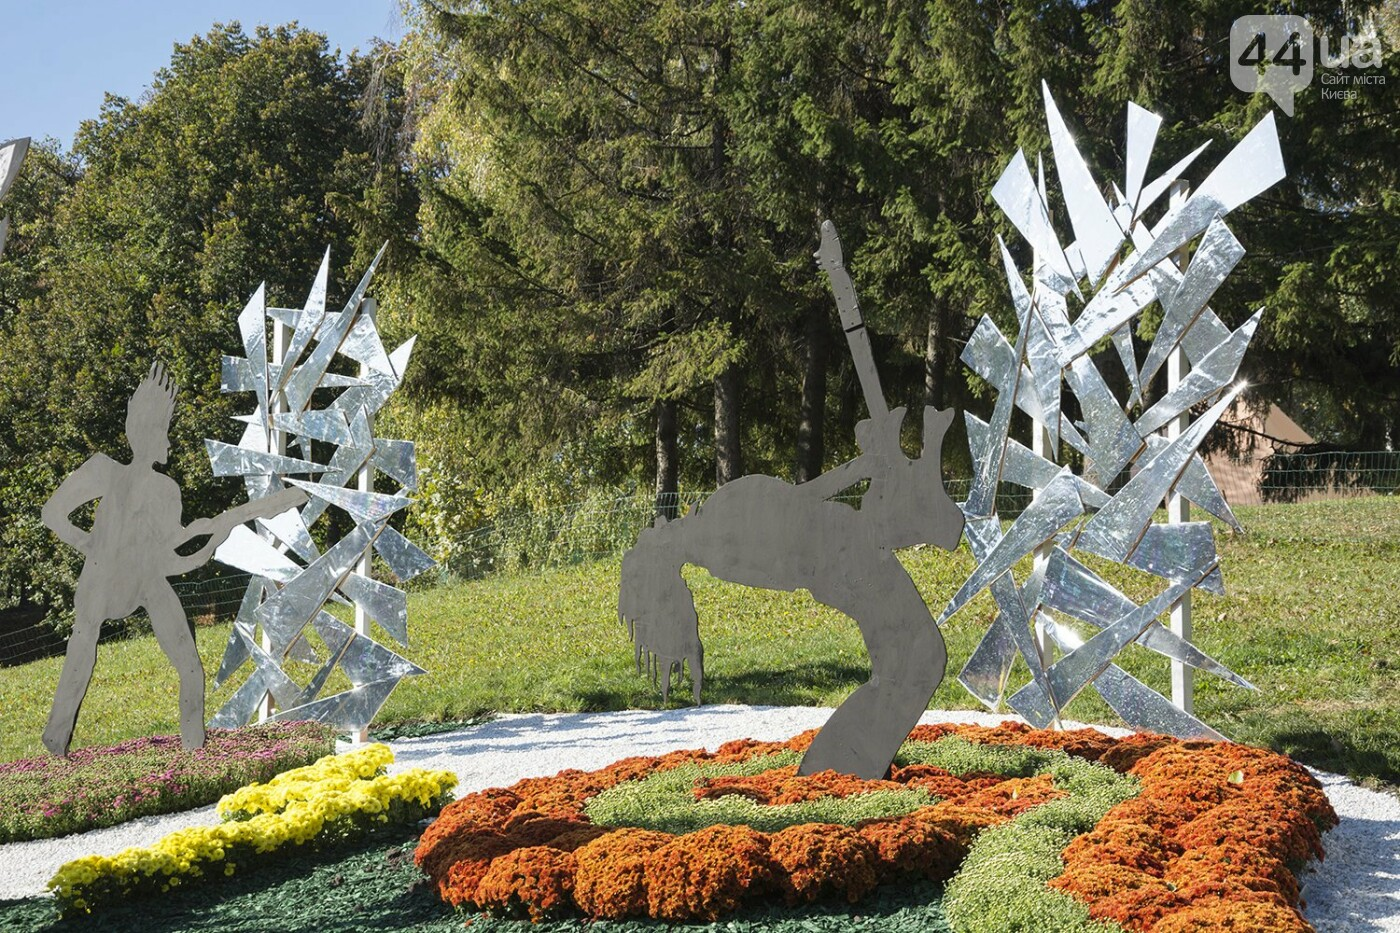 С музыкой и цветами: в Киеве стартовал красочный фестиваль хризантем, - ФОТОРЕПОРТАЖ, фото-11